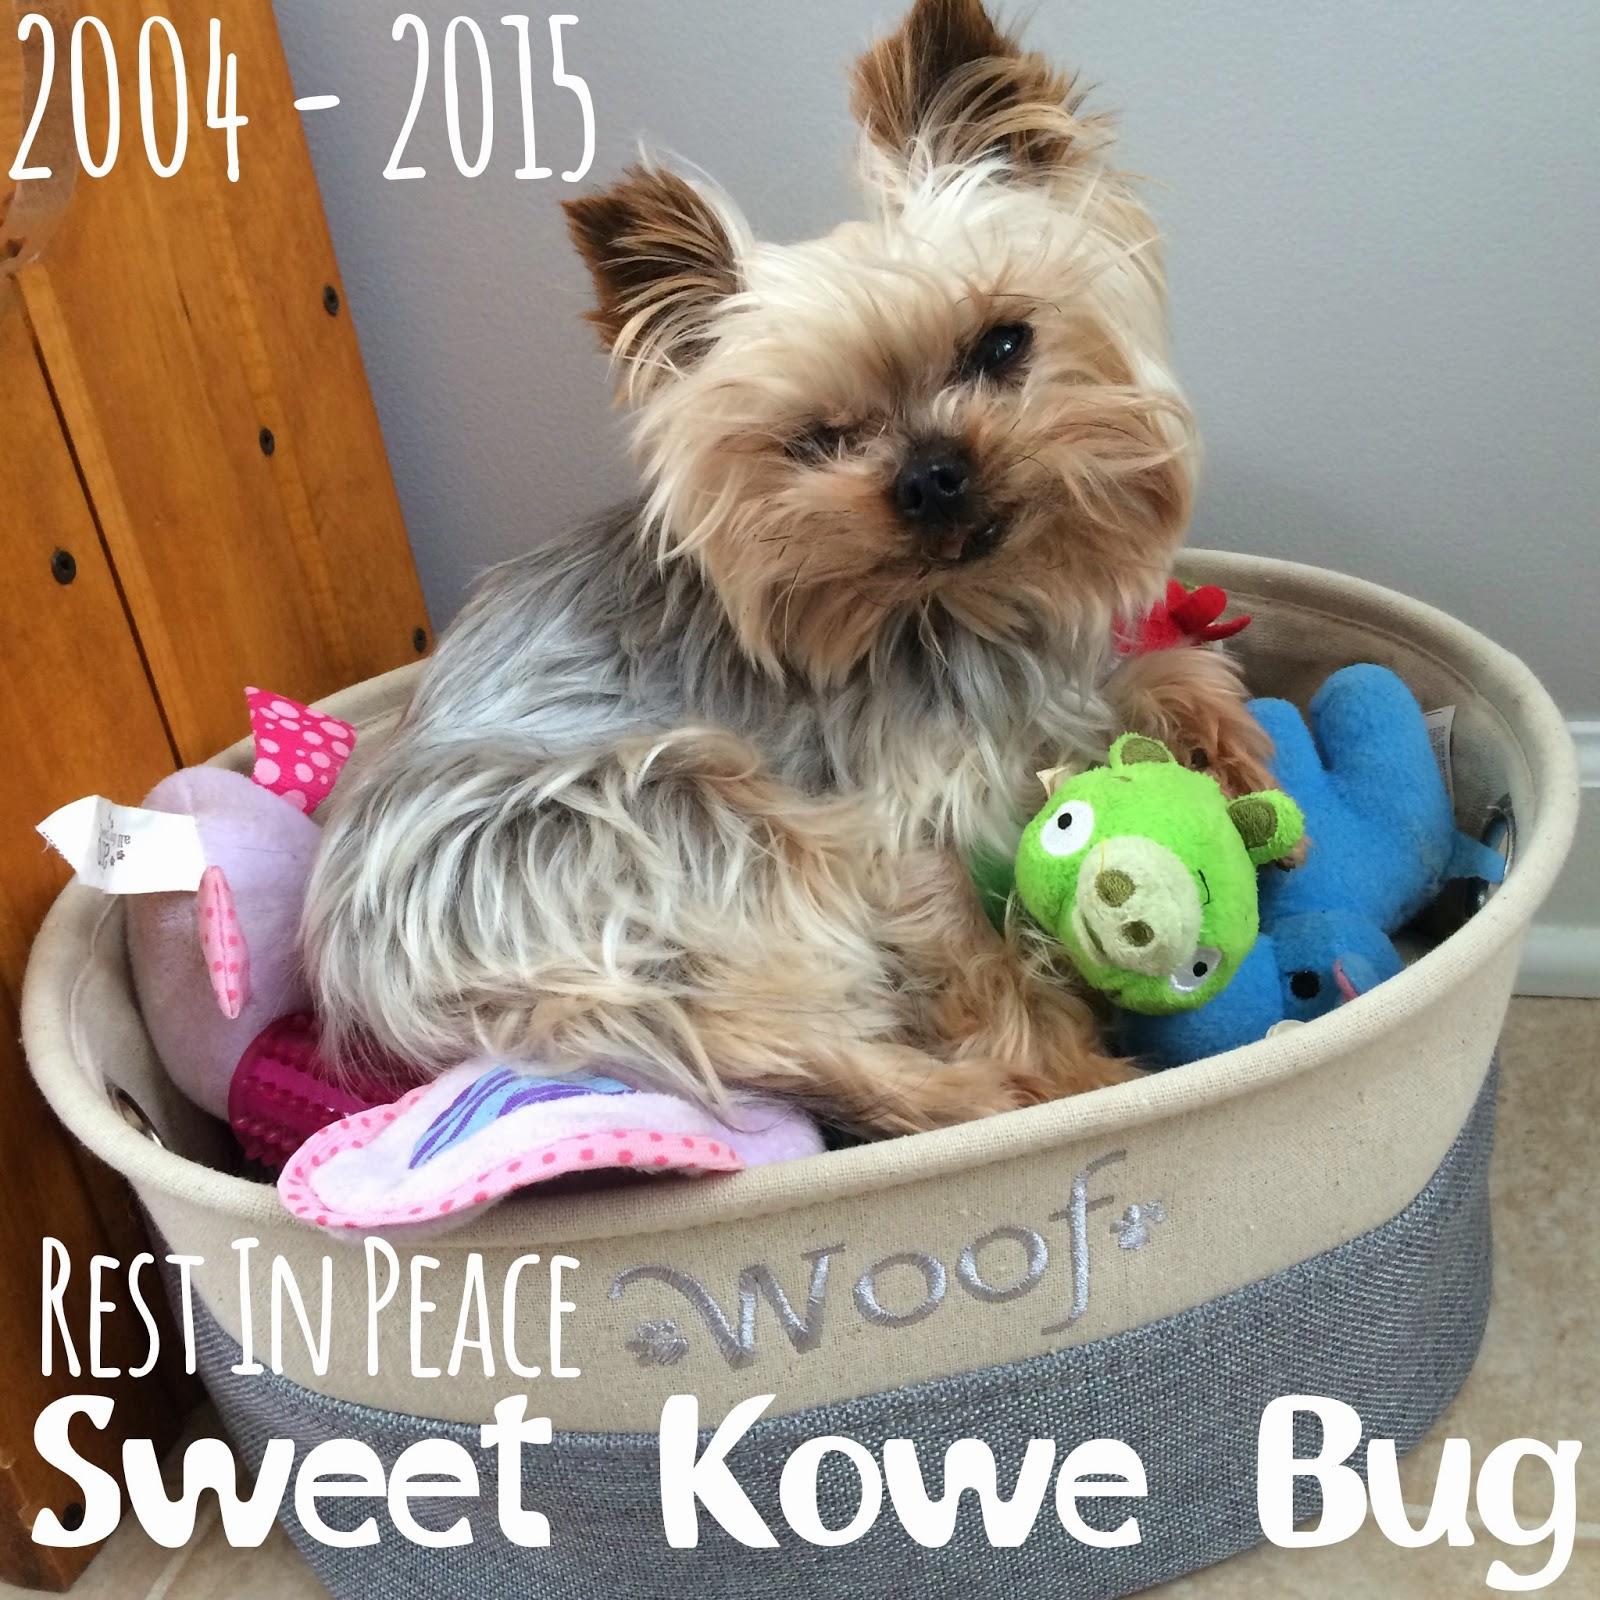 RIP Goodby Kowe Pet Loss